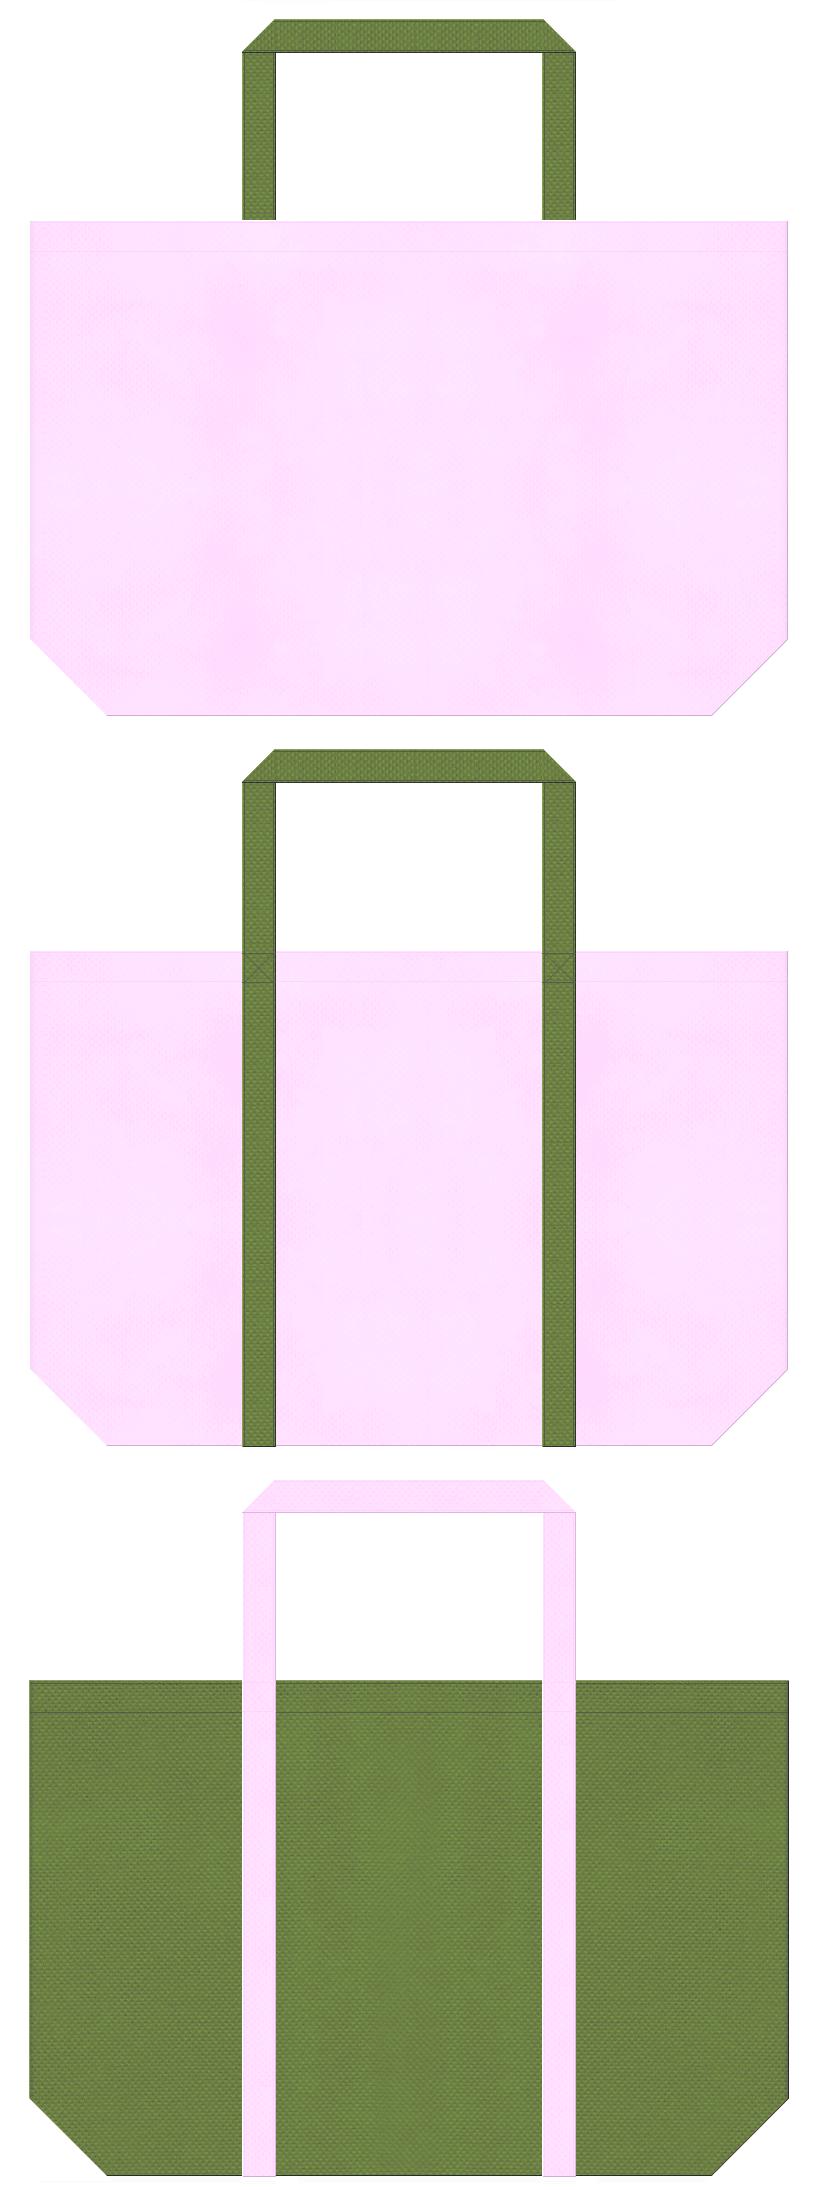 花見・観光・桜餅・三色団子・抹茶・和菓子・和風催事にお奨めの不織布バッグのデザイン:明るいピンク色と草色のコーデ